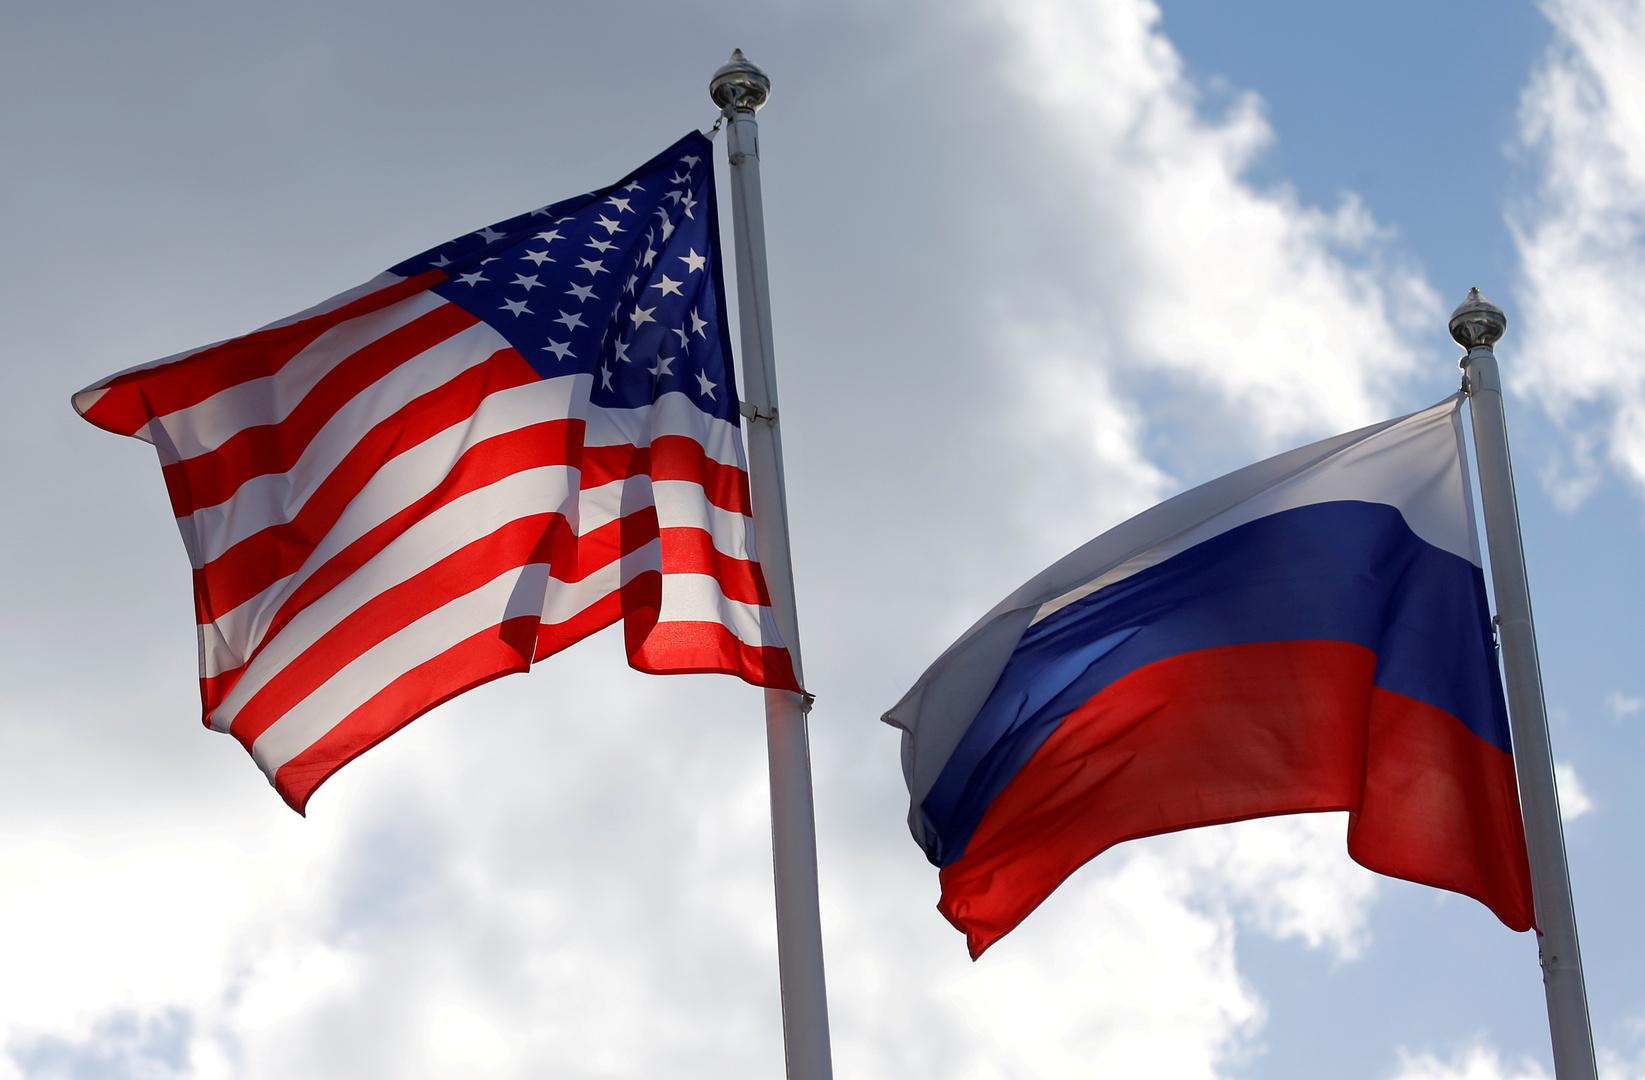 إدارة بايدن: مستعدون لتوقيع اتفاقات مع روسيا حول نزع الأسلحة قبل انقضاء سريان